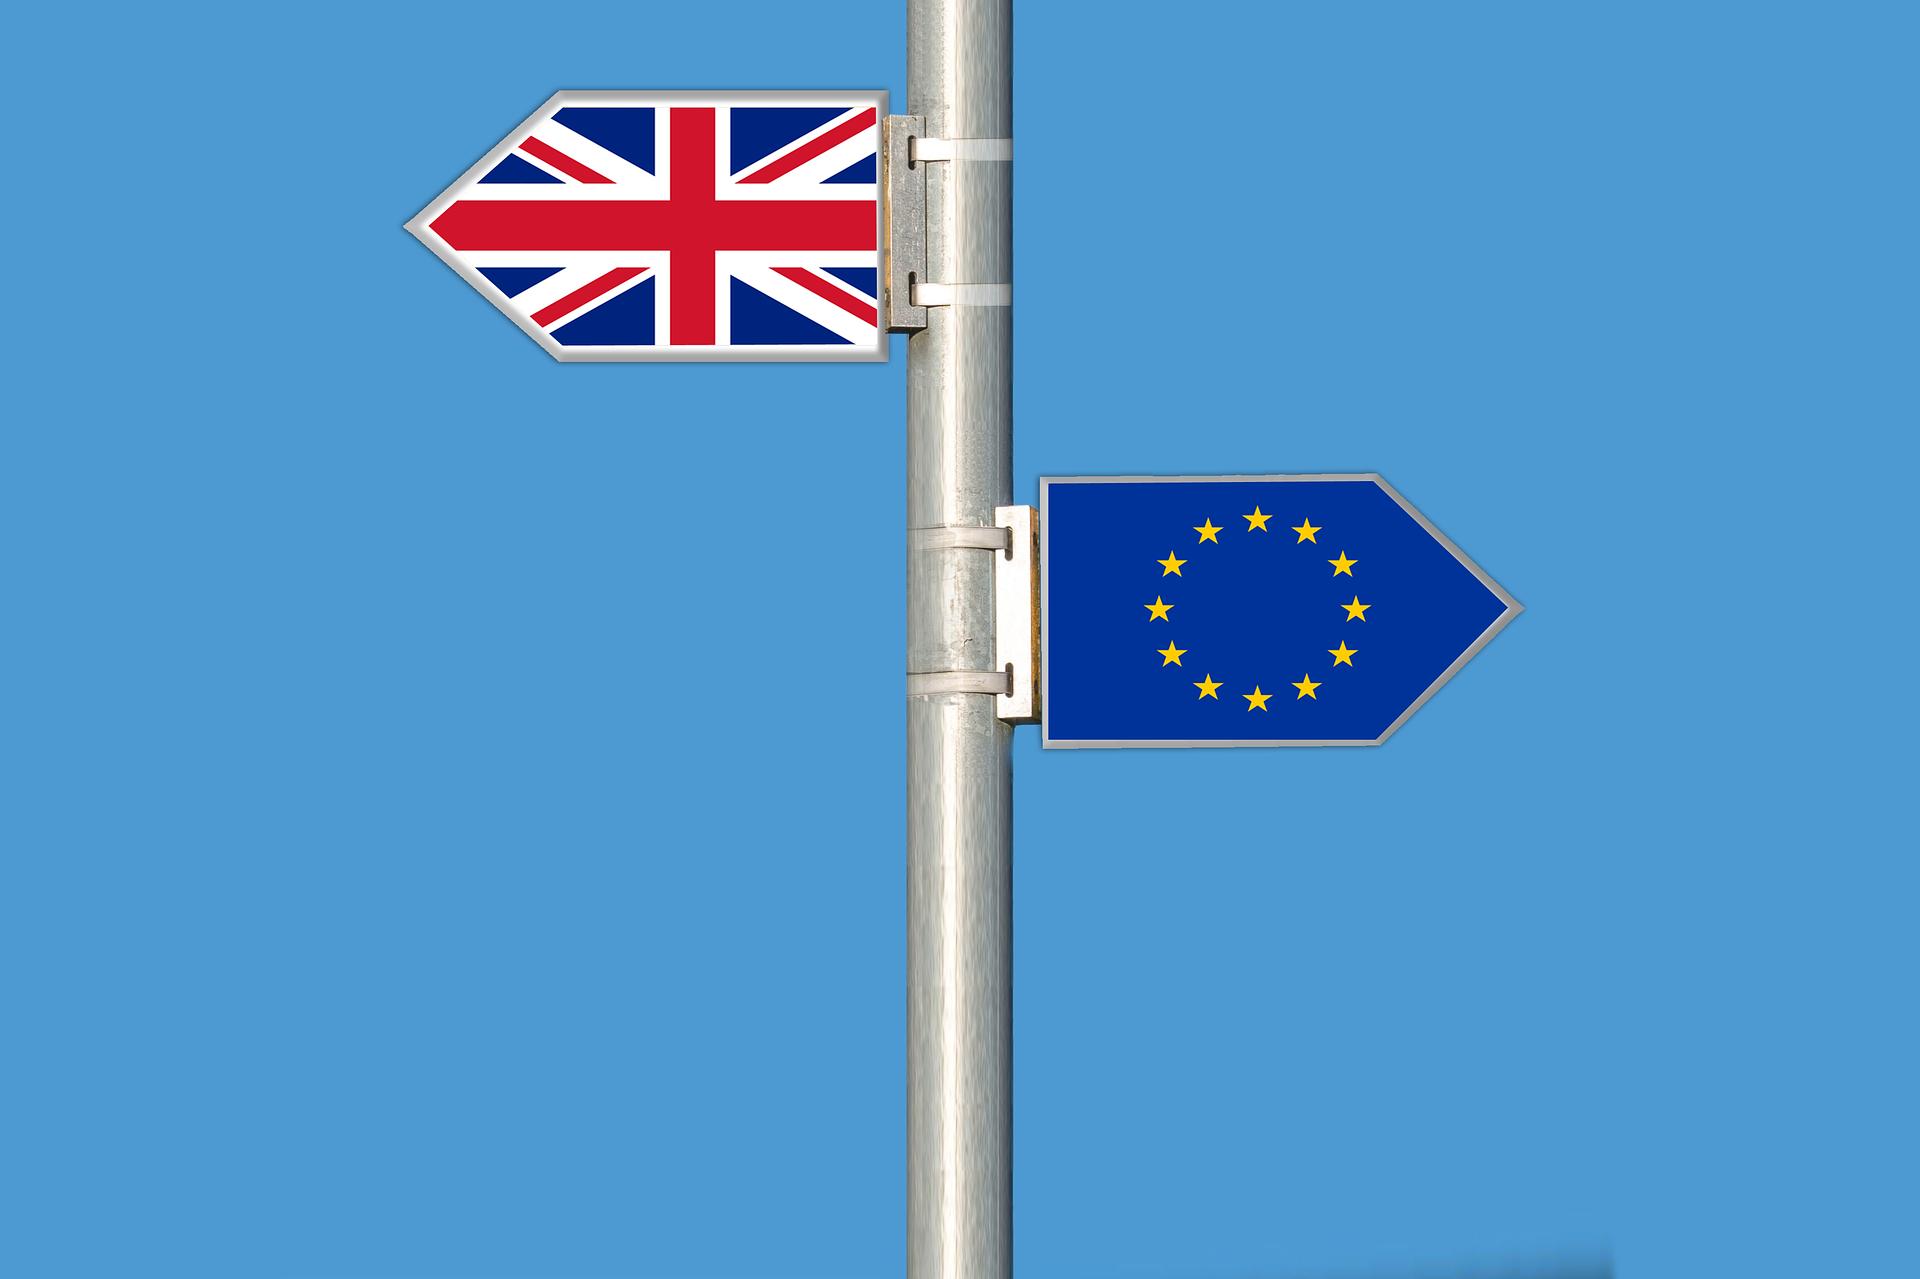 DALL'AUTORITA' PER LA PROTEZIONE DEI DATI DEI PAESI BASSI: EDPB, Pianificare Bene Il Trasferimento Dei Dati Nel Regno Unito, Ma Anche Preoccupazioni